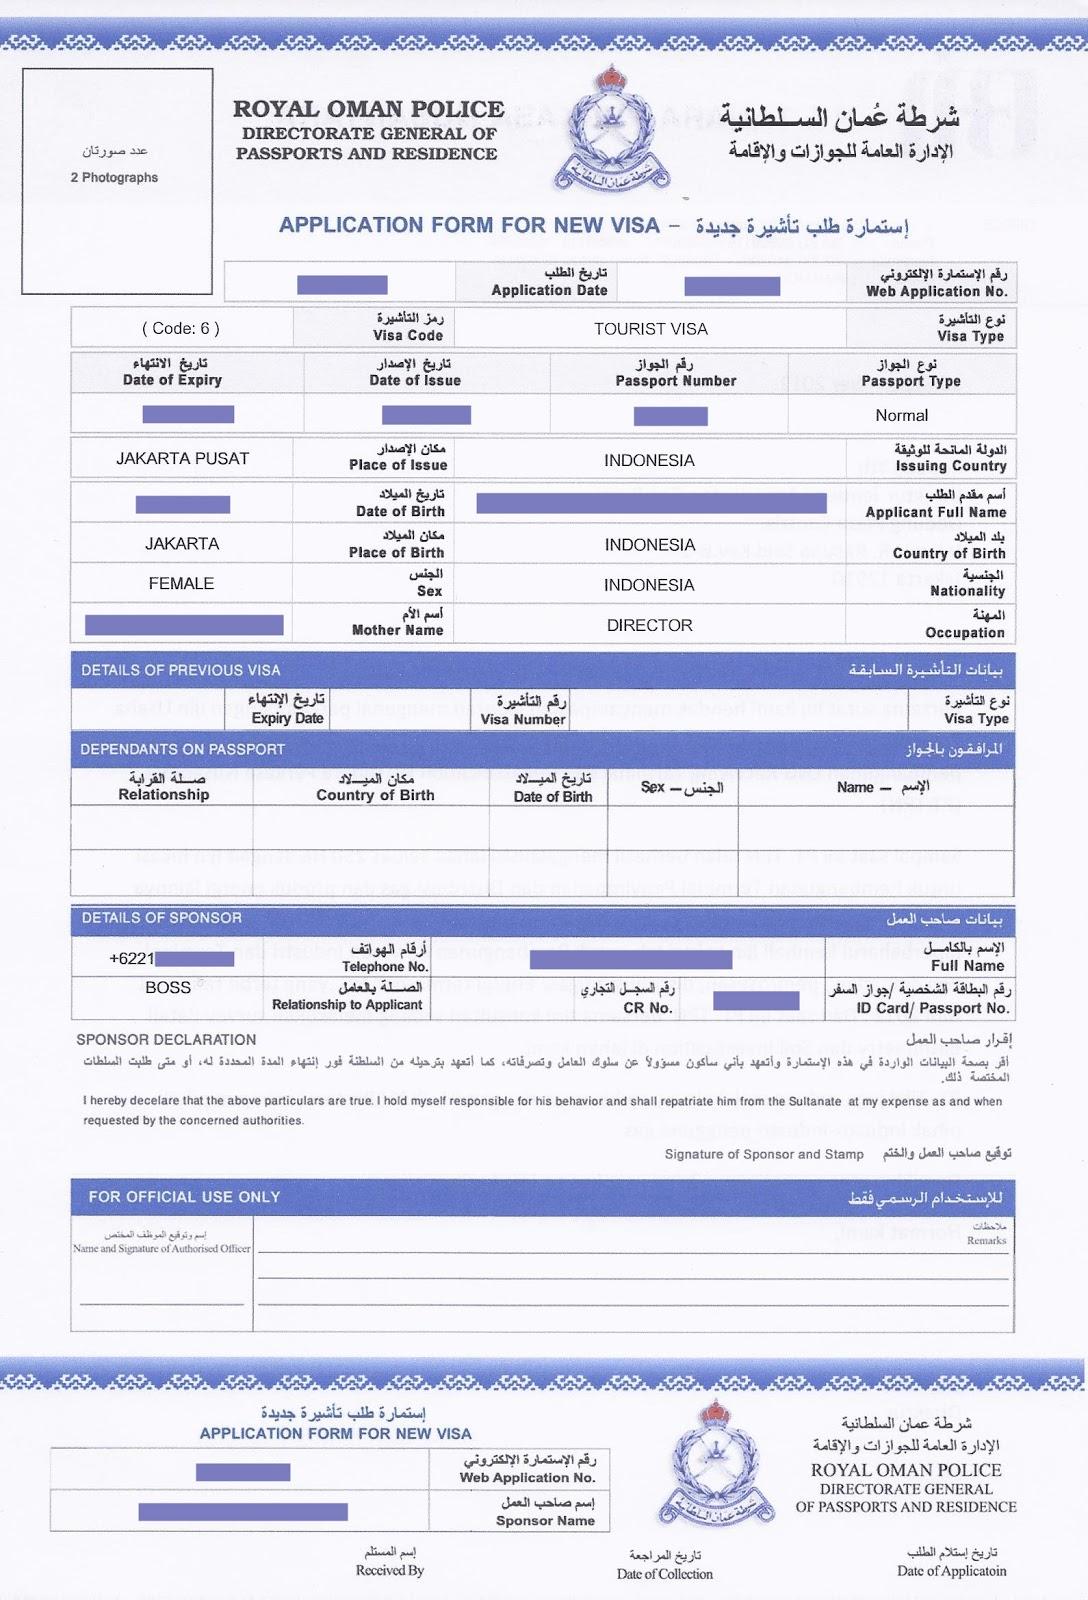 ds-260 immigrant, saudi arabia, b1 b2, on qatar visa application form